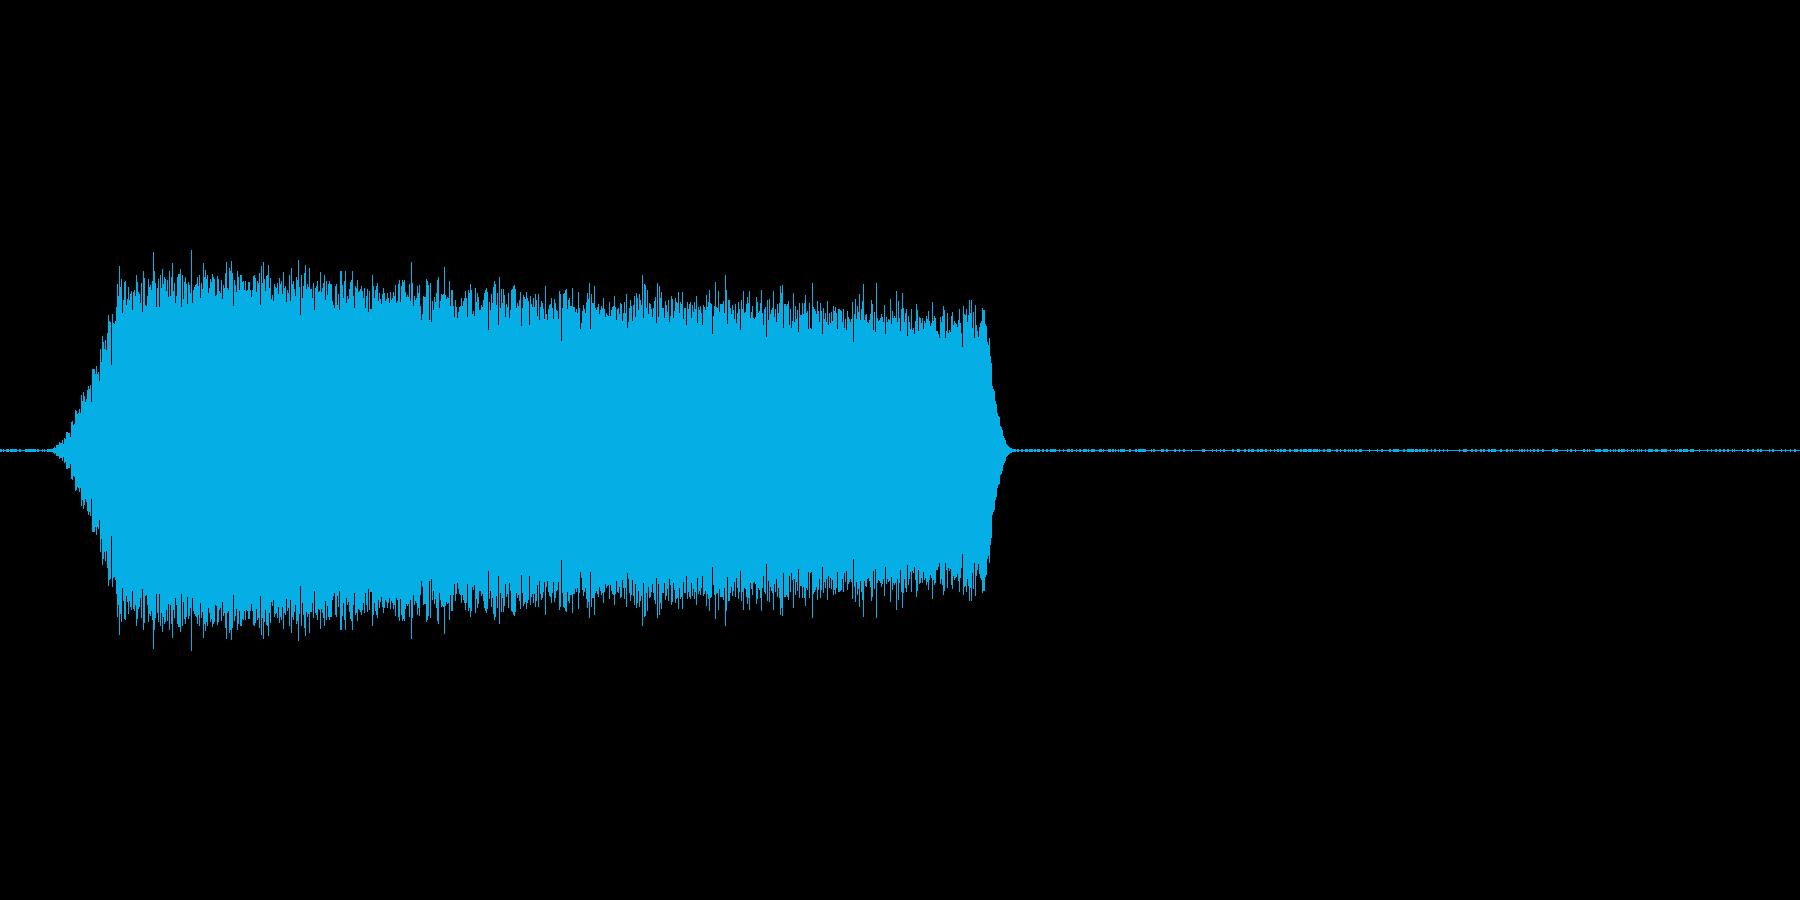 グワァァァシャー ジェット音ぽいの再生済みの波形